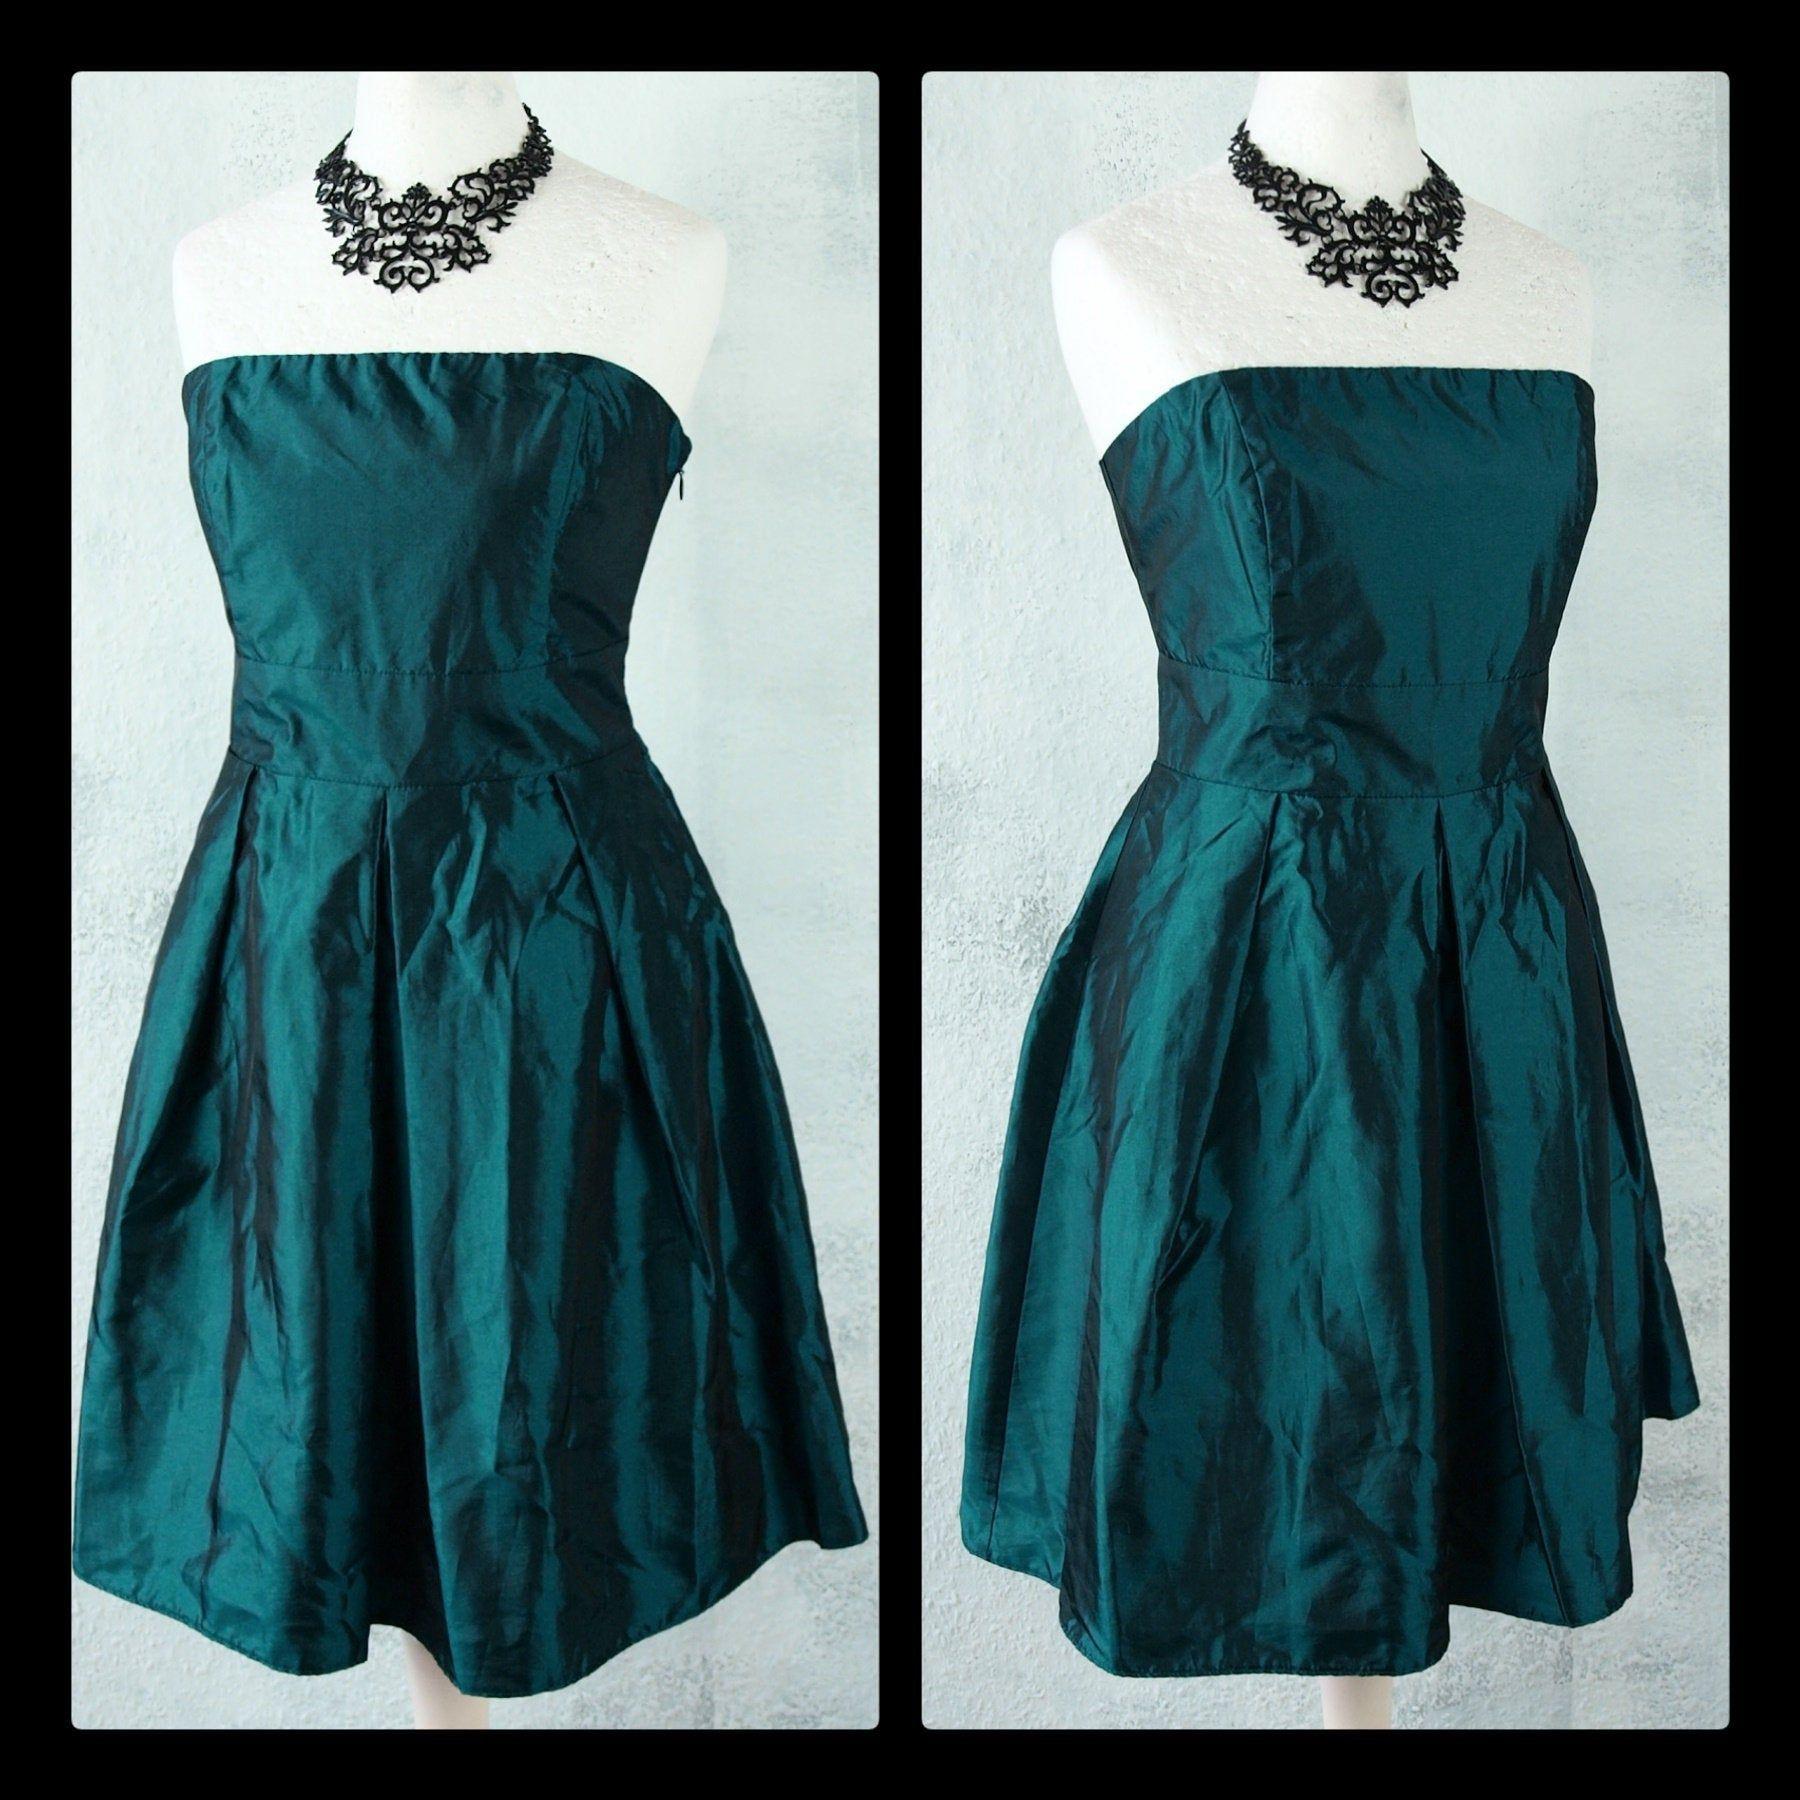 10 Ausgezeichnet Abendkleid Upcycling Boutique17 Genial Abendkleid Upcycling Boutique